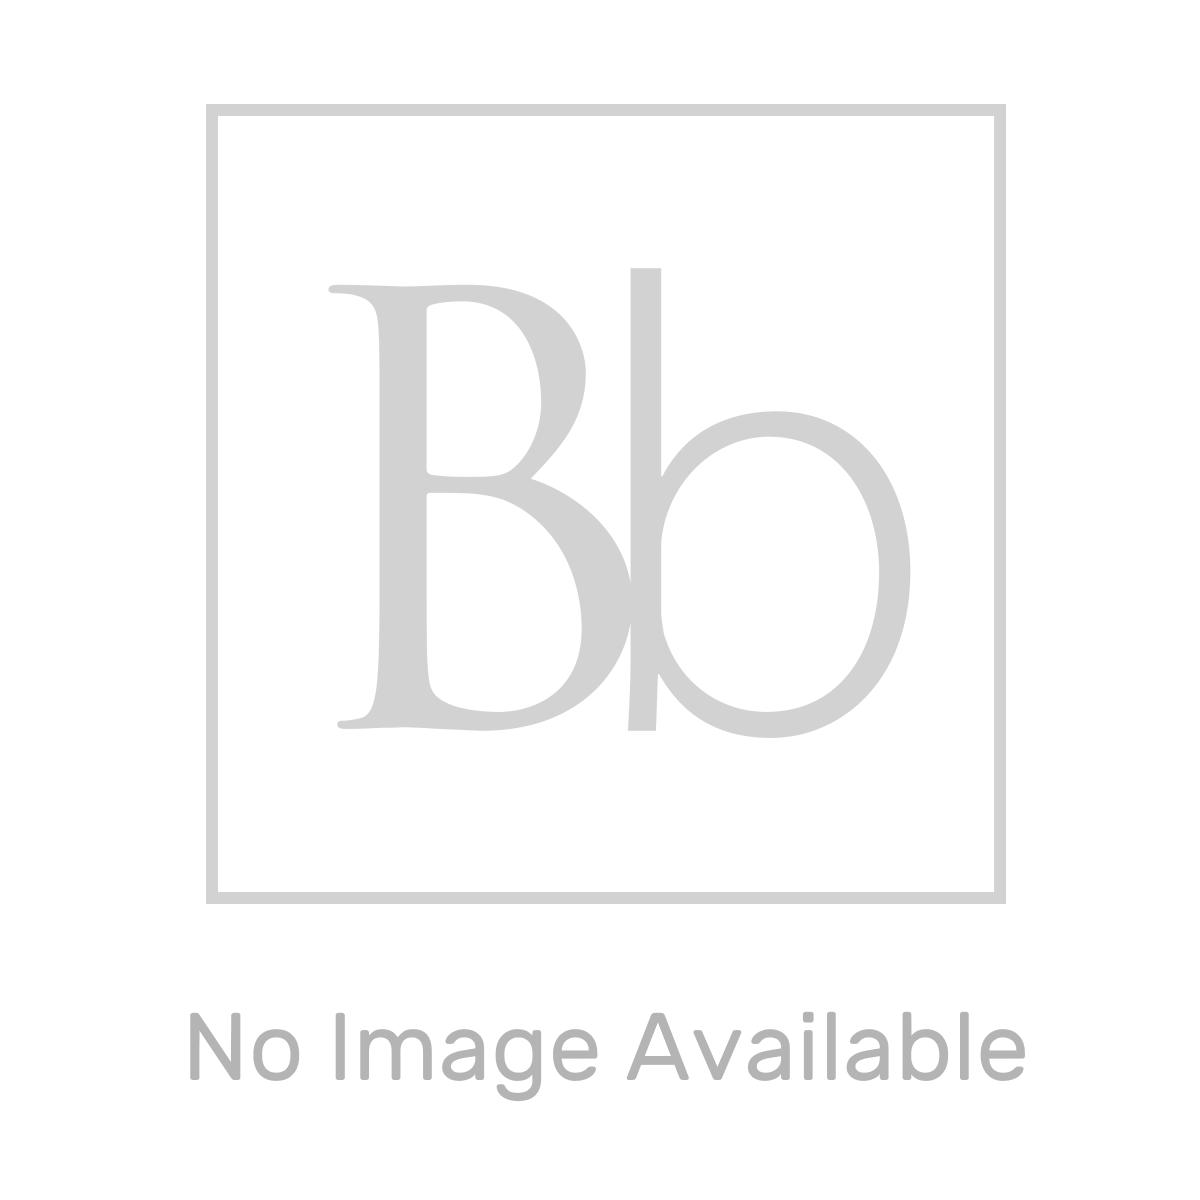 Aquadart Rolla 8 Black Sliding Shower Enclosure Recess Configuration